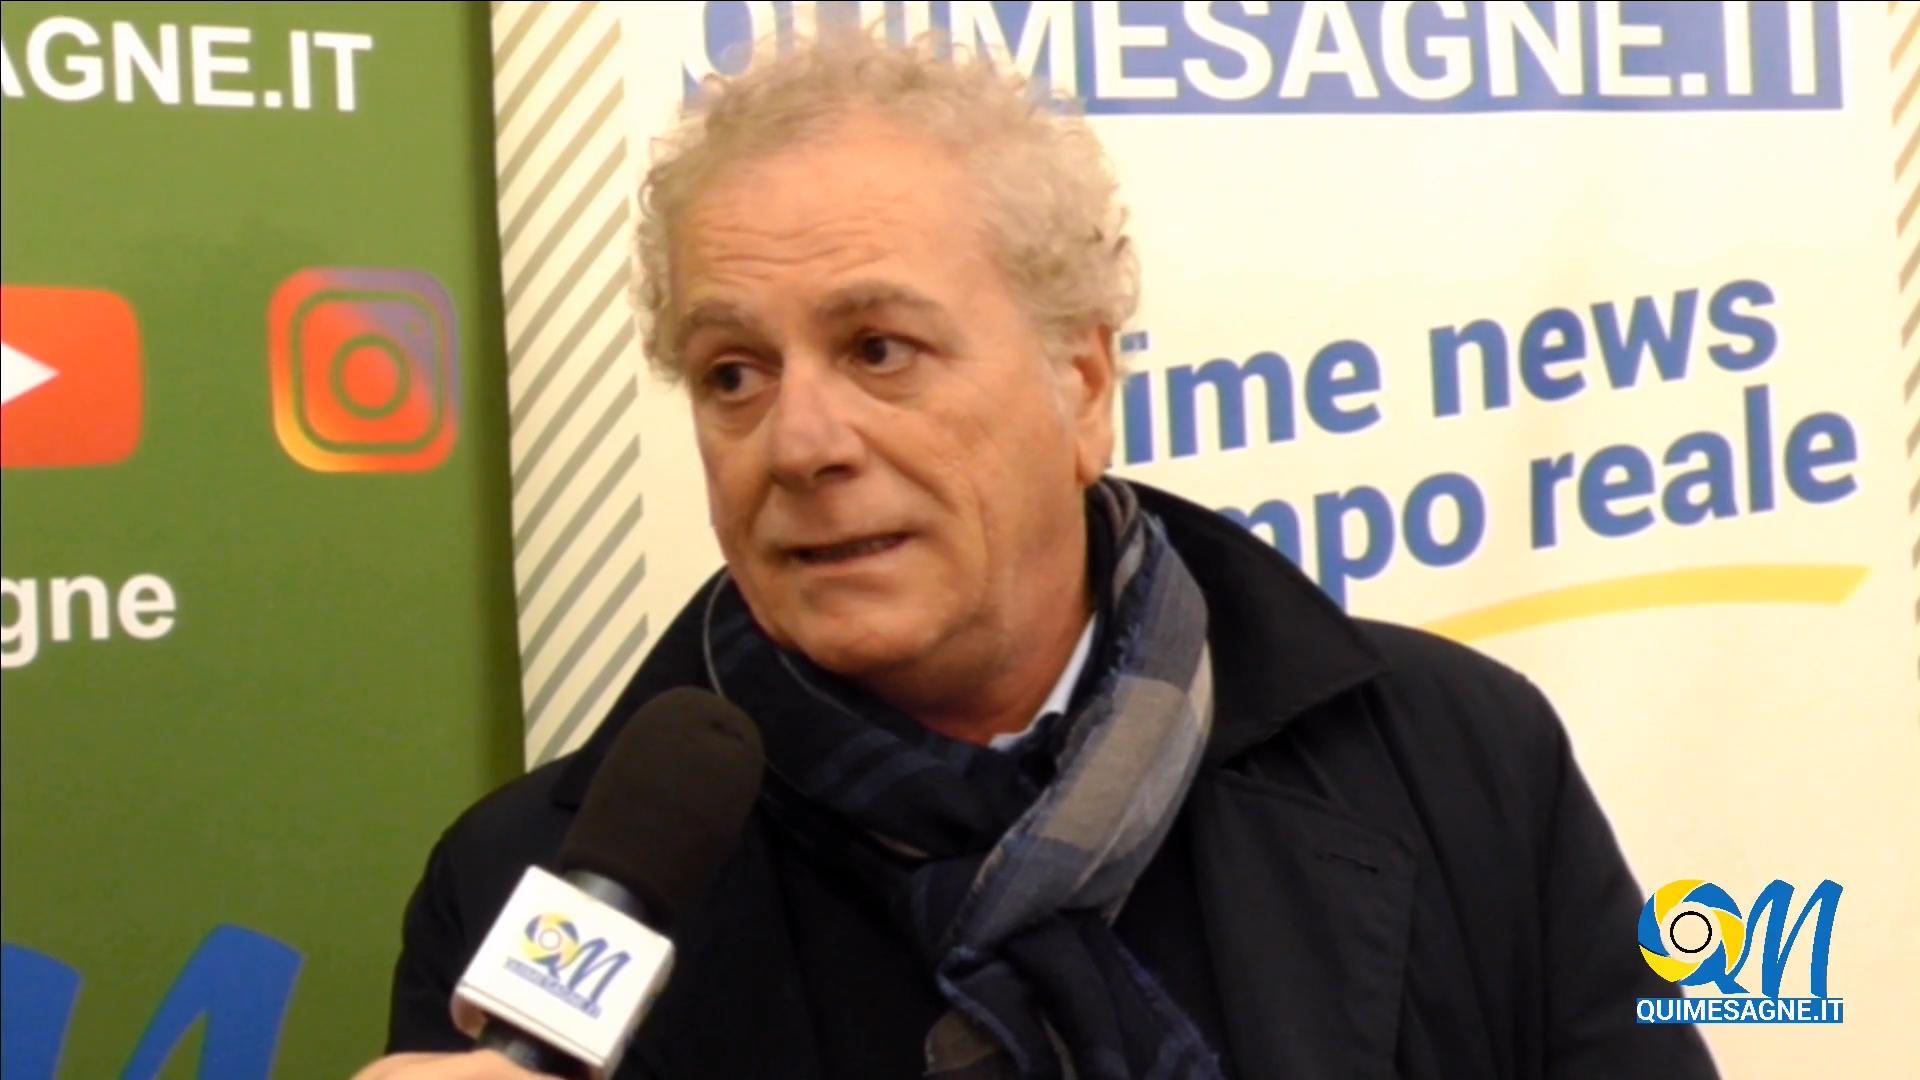 pt. n. 2 #PiazzaPortaGrande – Ospite Maurizio Piro – Direttore Artistico Città di Mesagne (15 Gennaio 2018)